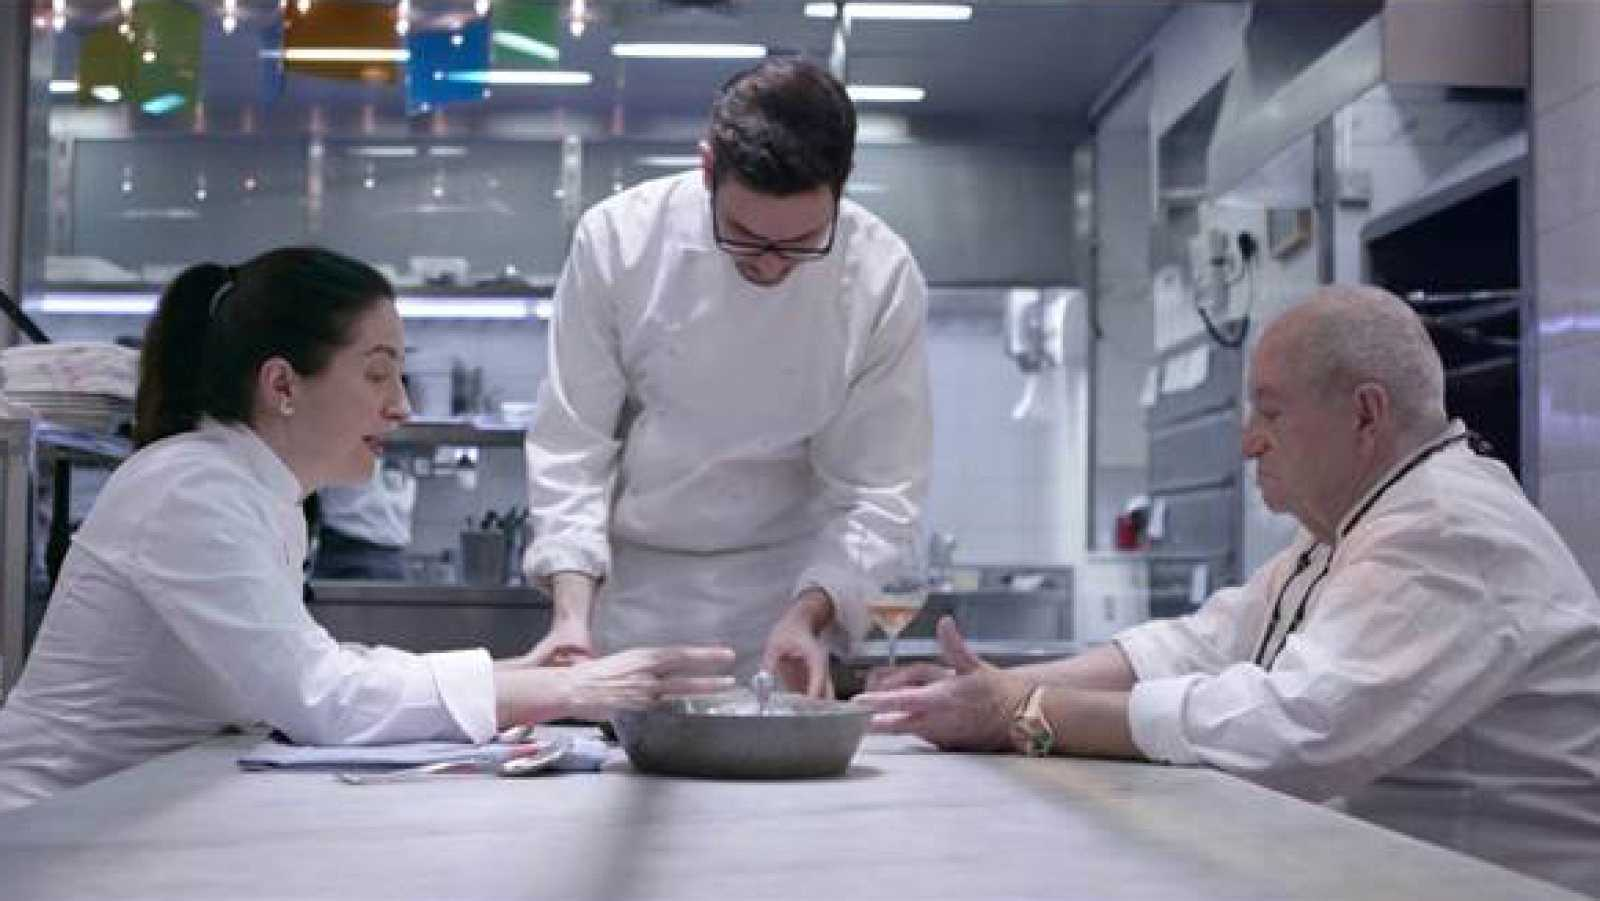 Hora América de cine - 'Arzak since 1897', la historia de esta familia de cocineros vascos - escuchar ahora